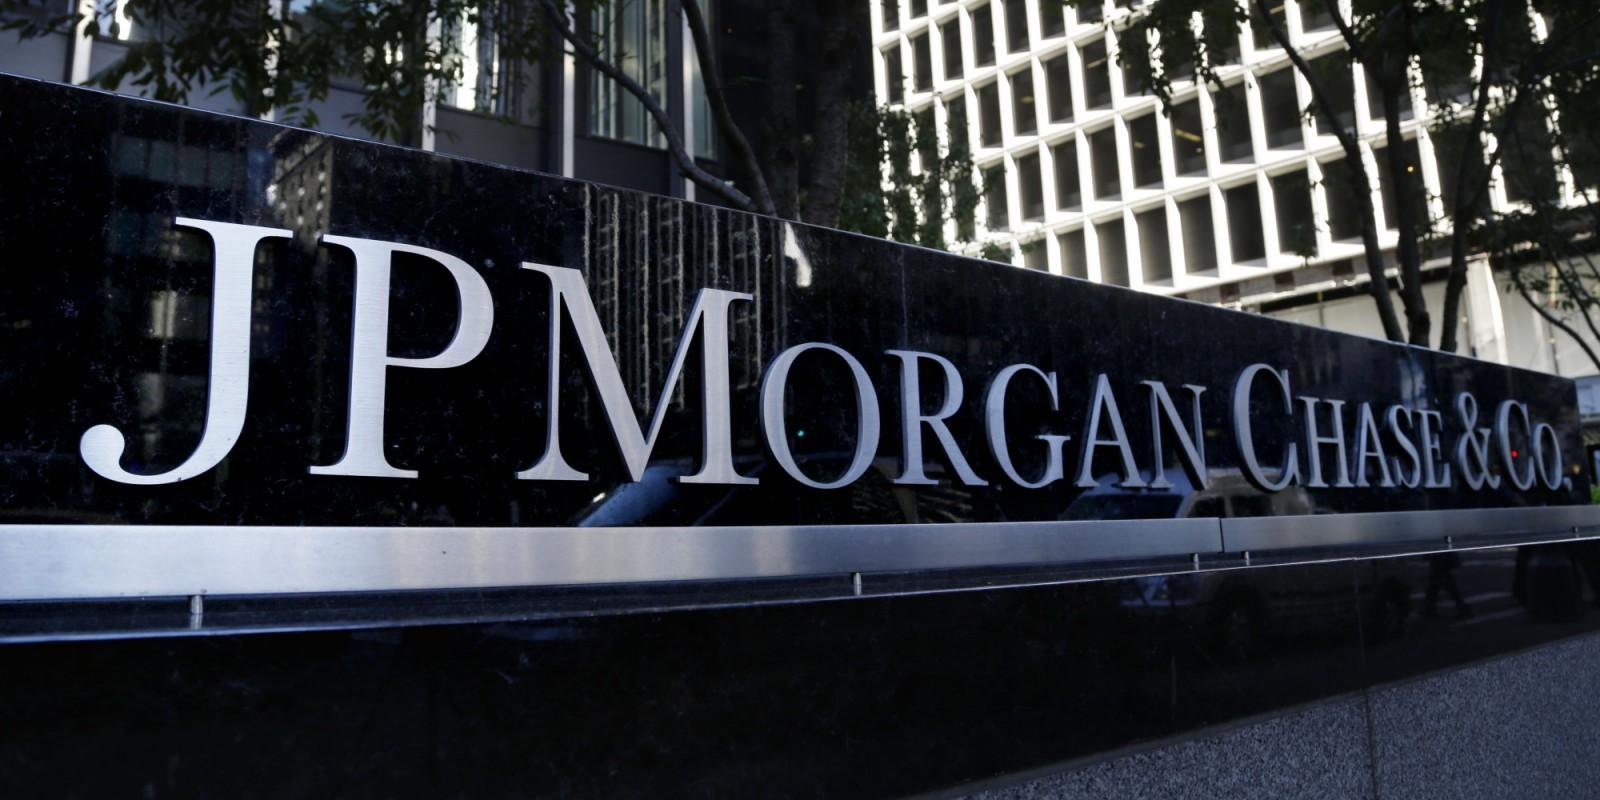 JP Morgan Chase & Co превзошла оценки Уолл-стрит по прибыли во втором квартале